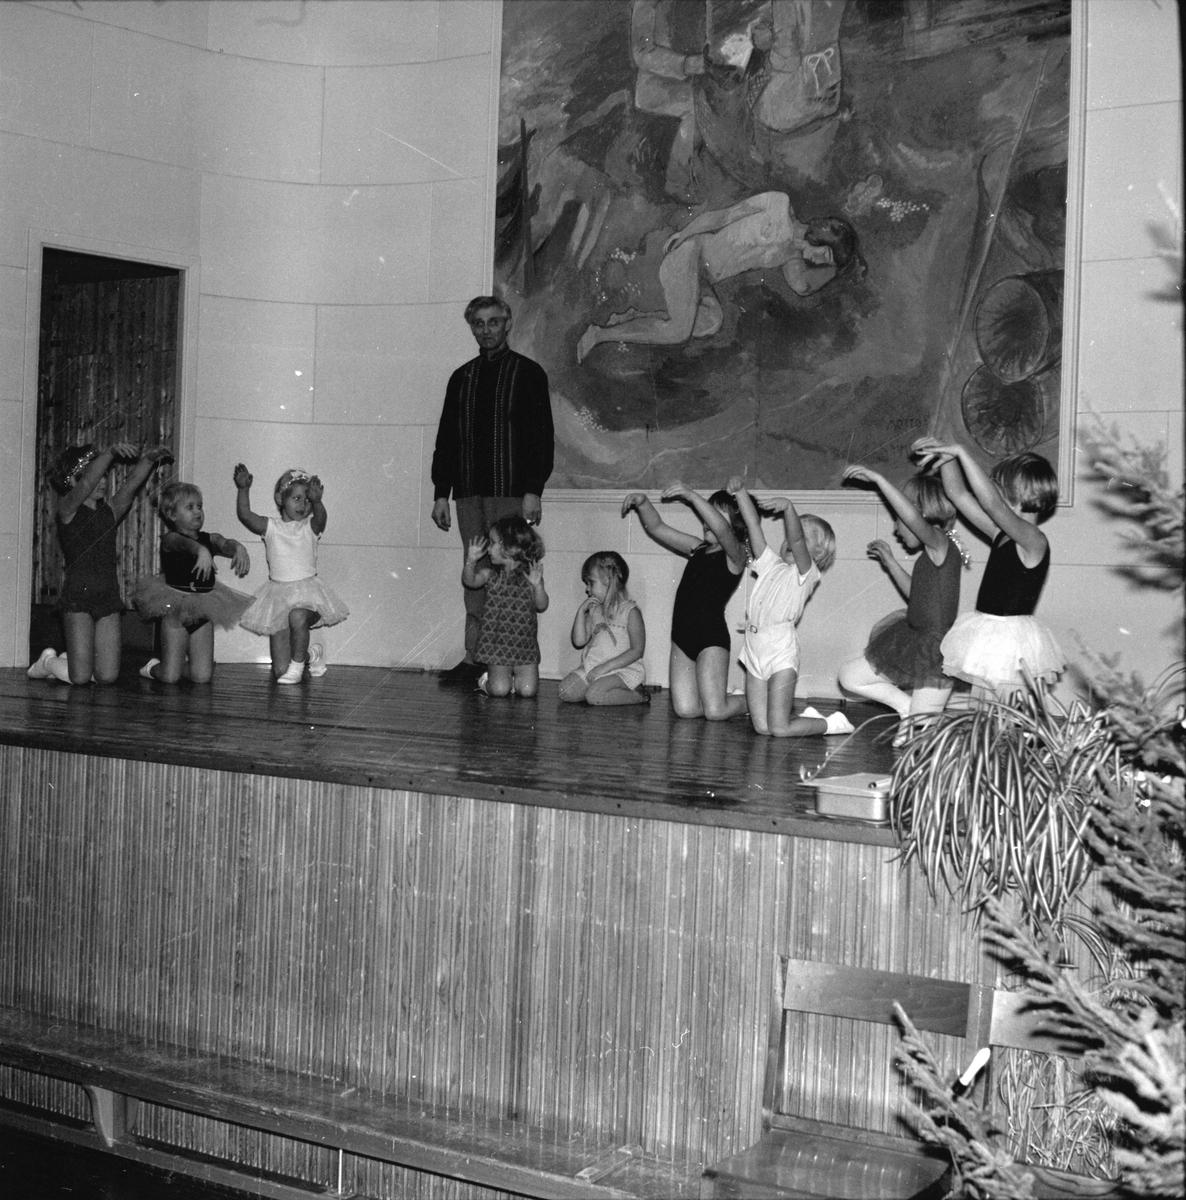 Arbrå, RK-fest på Nytorp, December1968